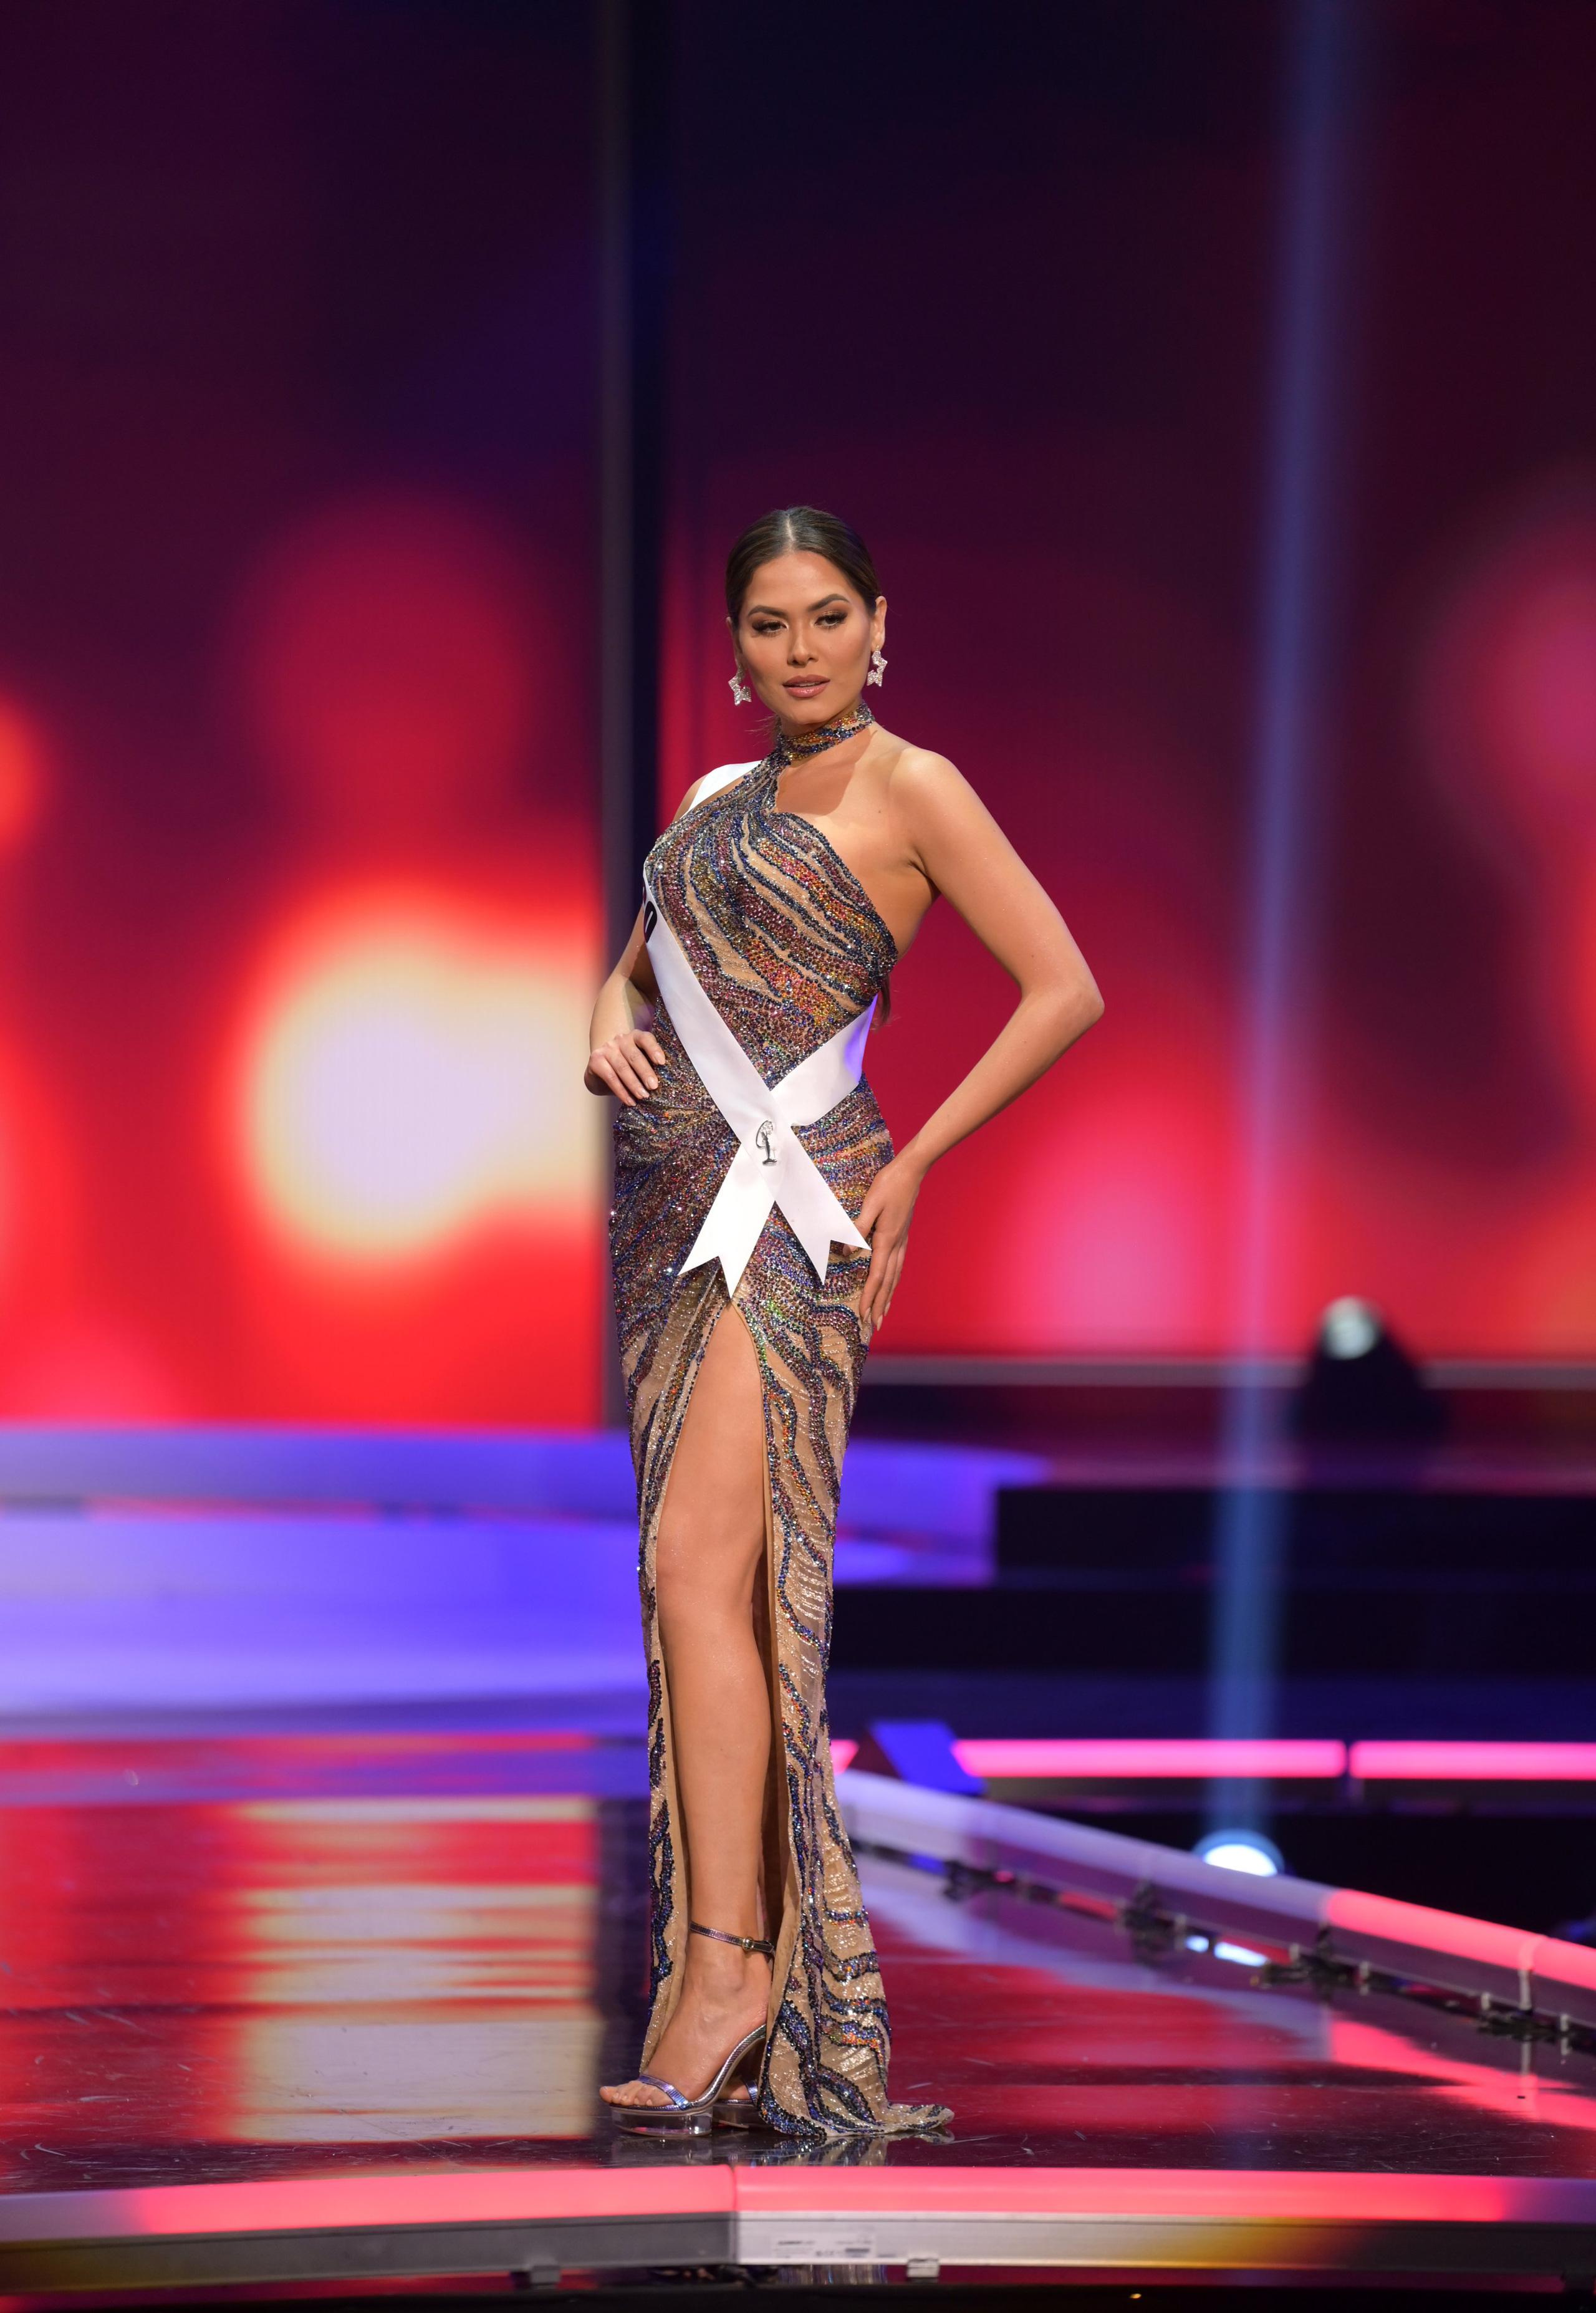 Tân Hoa hậu Hoàn vũ Andrea Meza mặc cái gì thế này? - Ảnh 4.